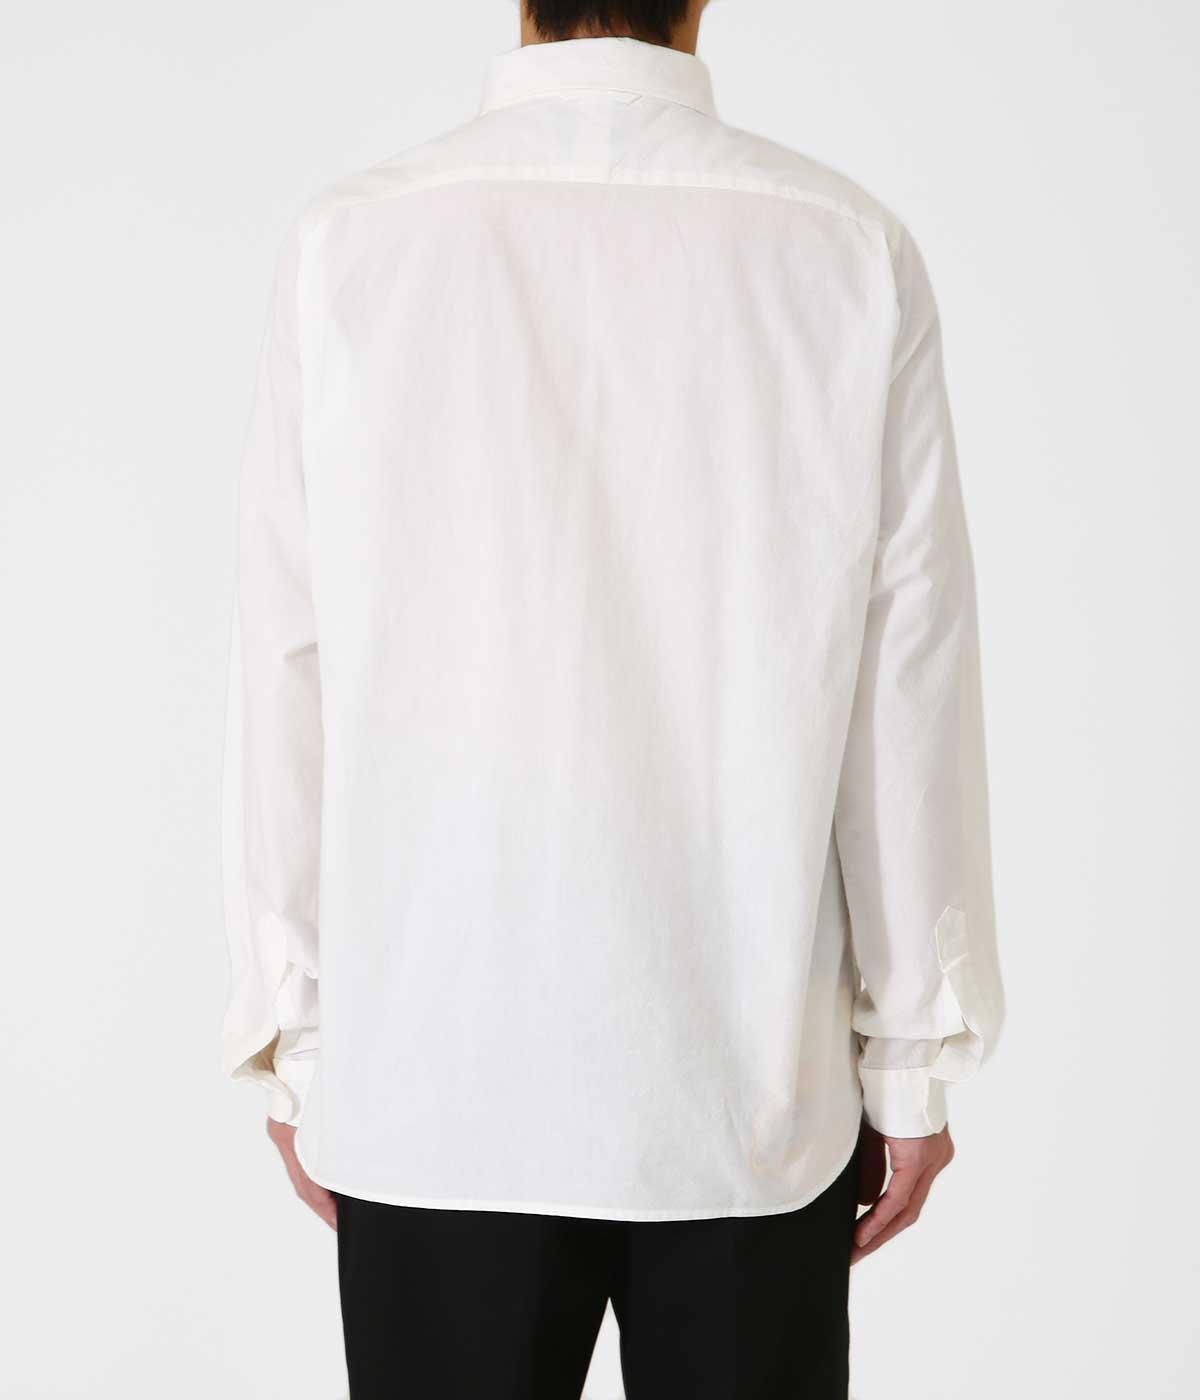 コンフォートシャツ スタンダードRC - 11103 -